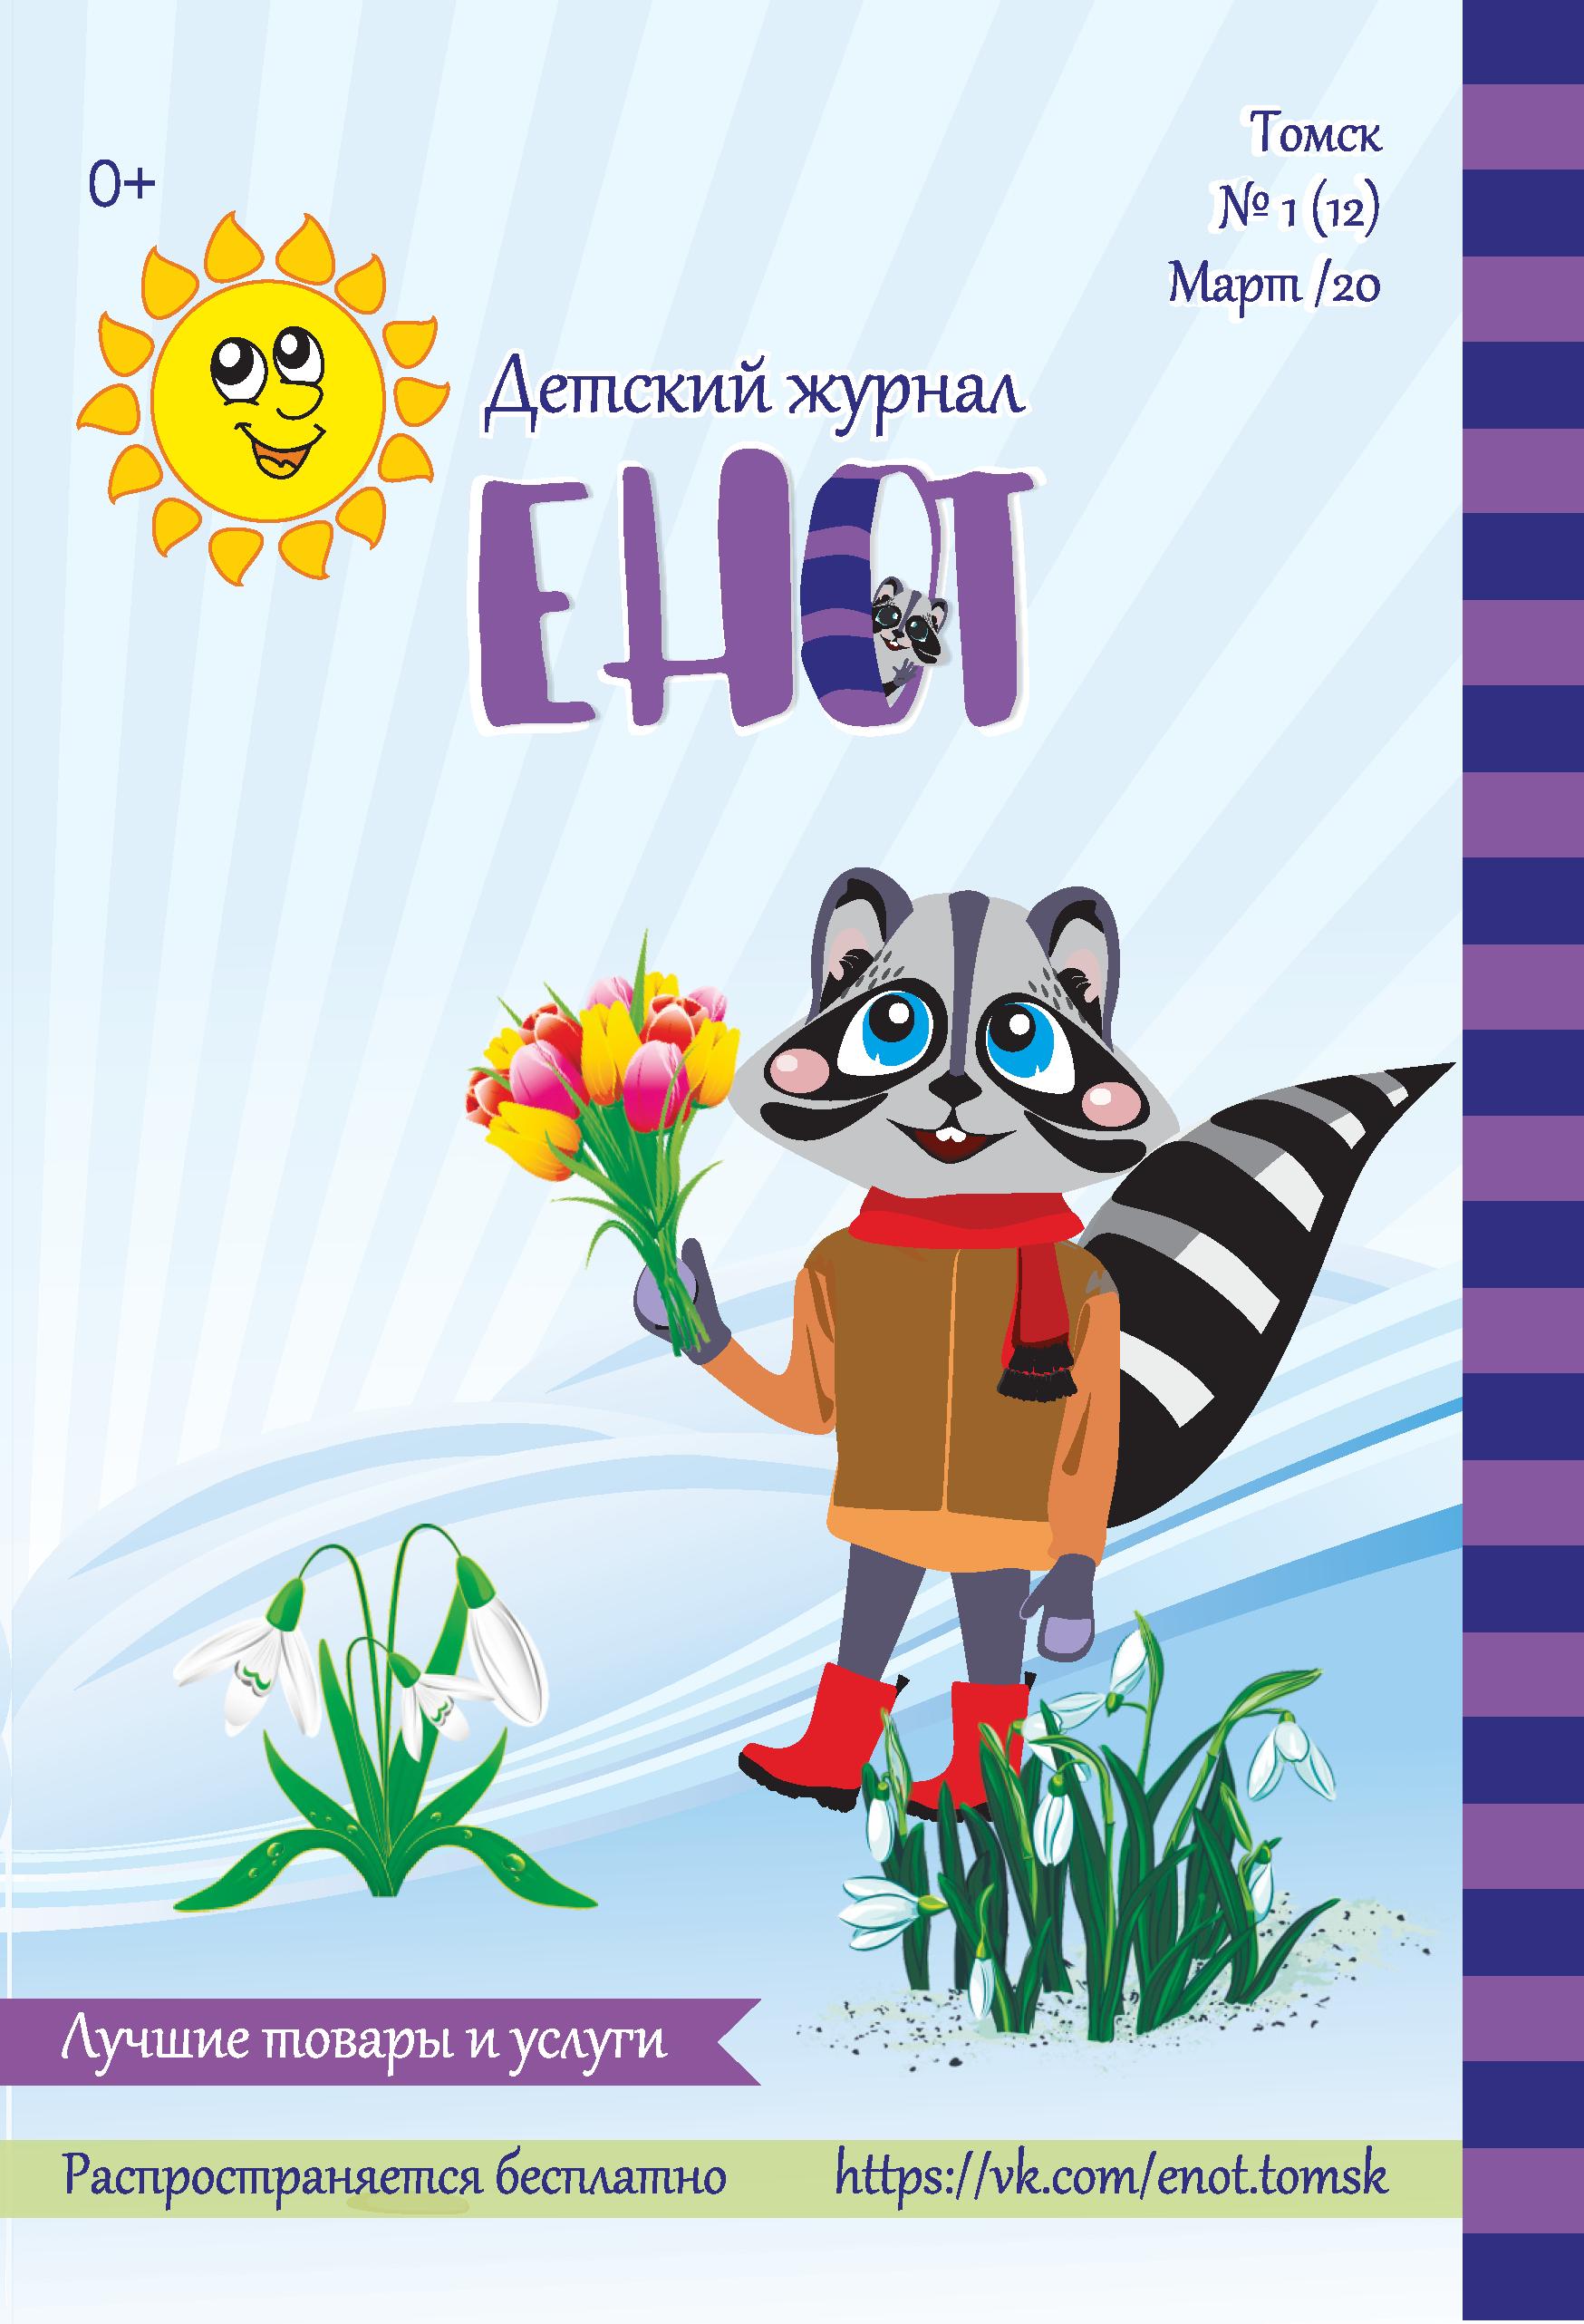 Детский журнал Енот - 2020.03 Страница 01